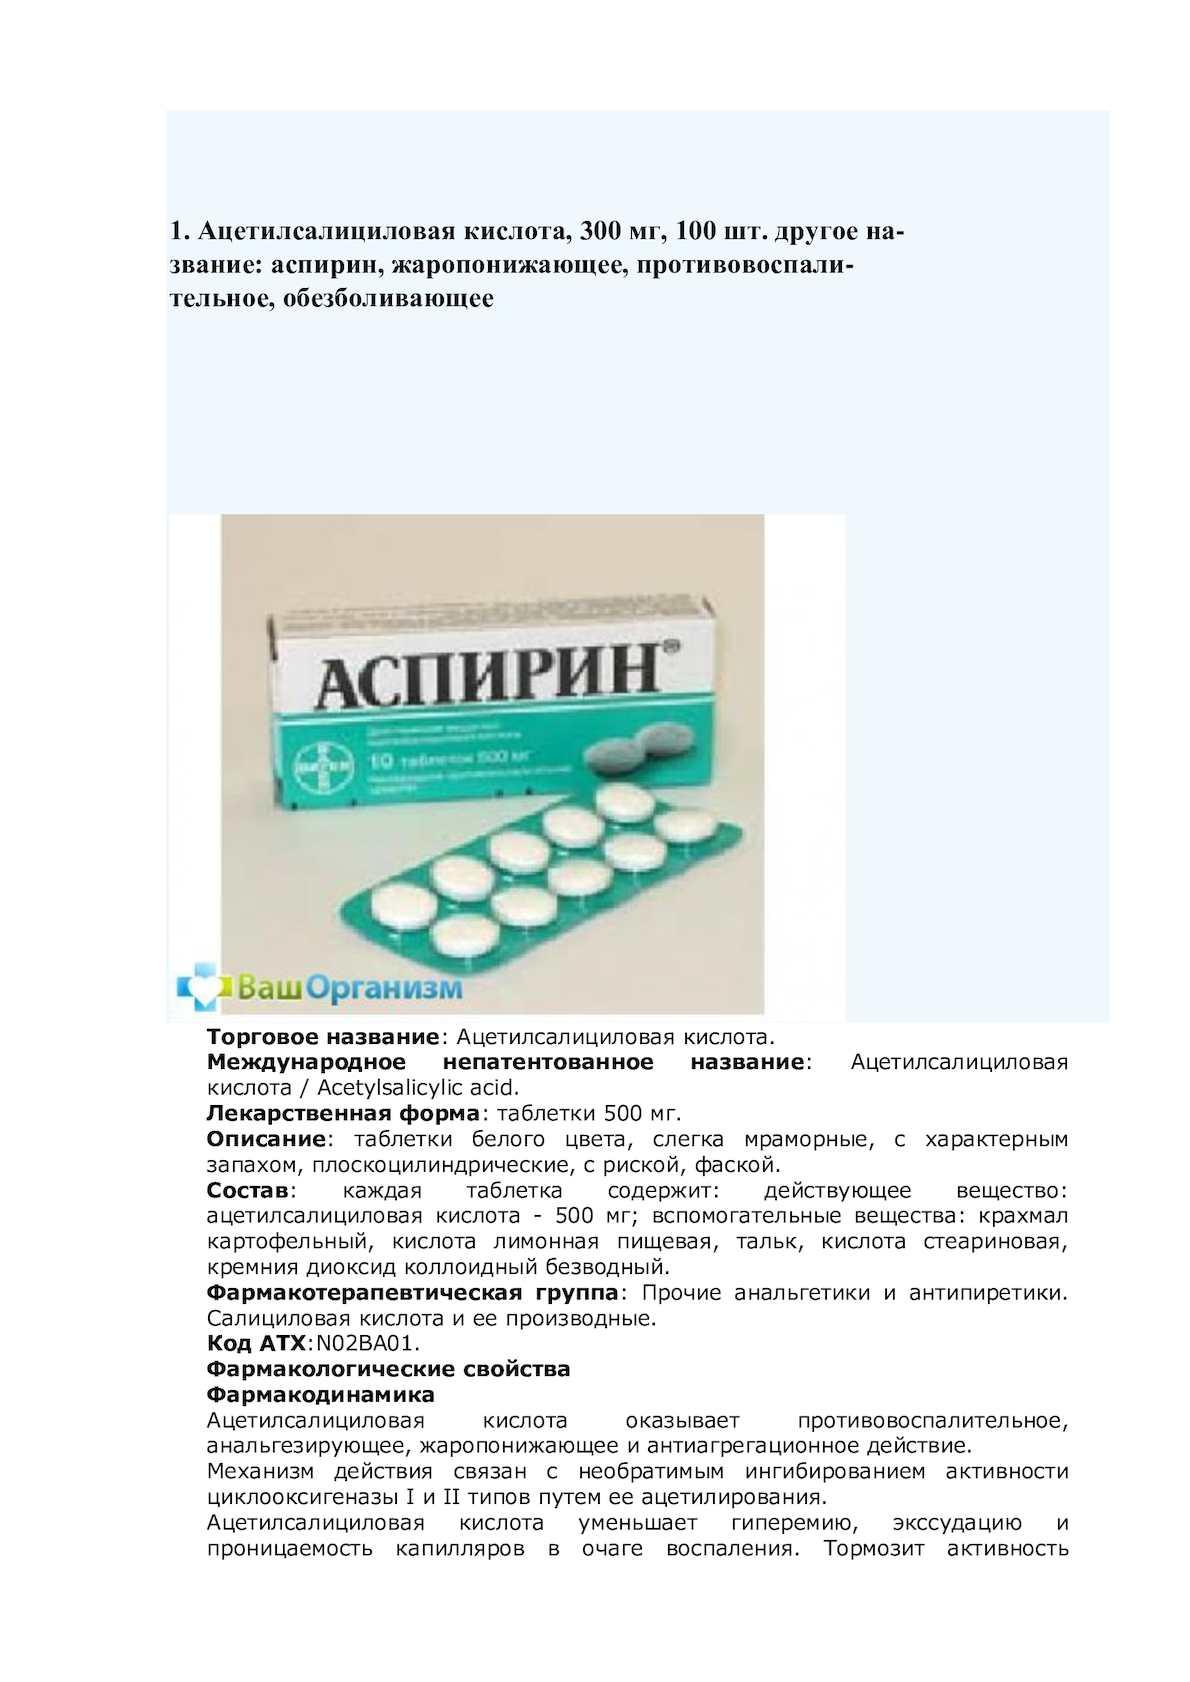 Доксициклин при укусе клеща, показания, как принимать препарат